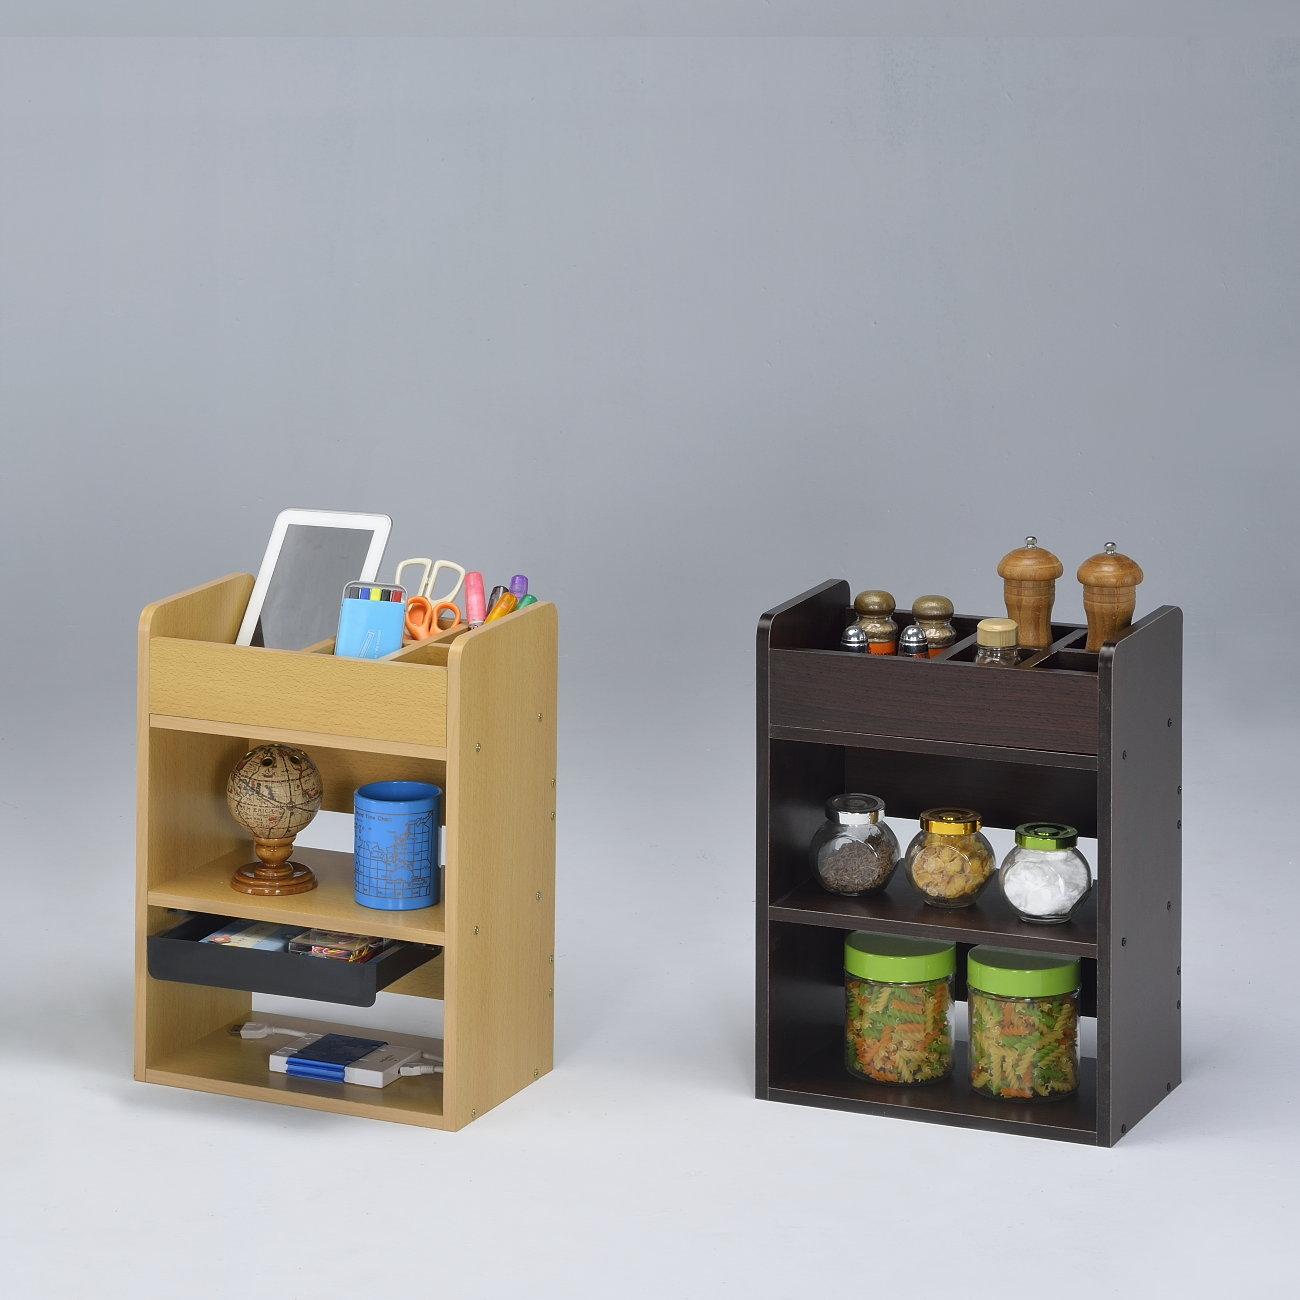 生活大發現-DIY家具-貝里斯多用途桌上架+抽屜/書架/展示架/桌上架/書櫃/化妝桌